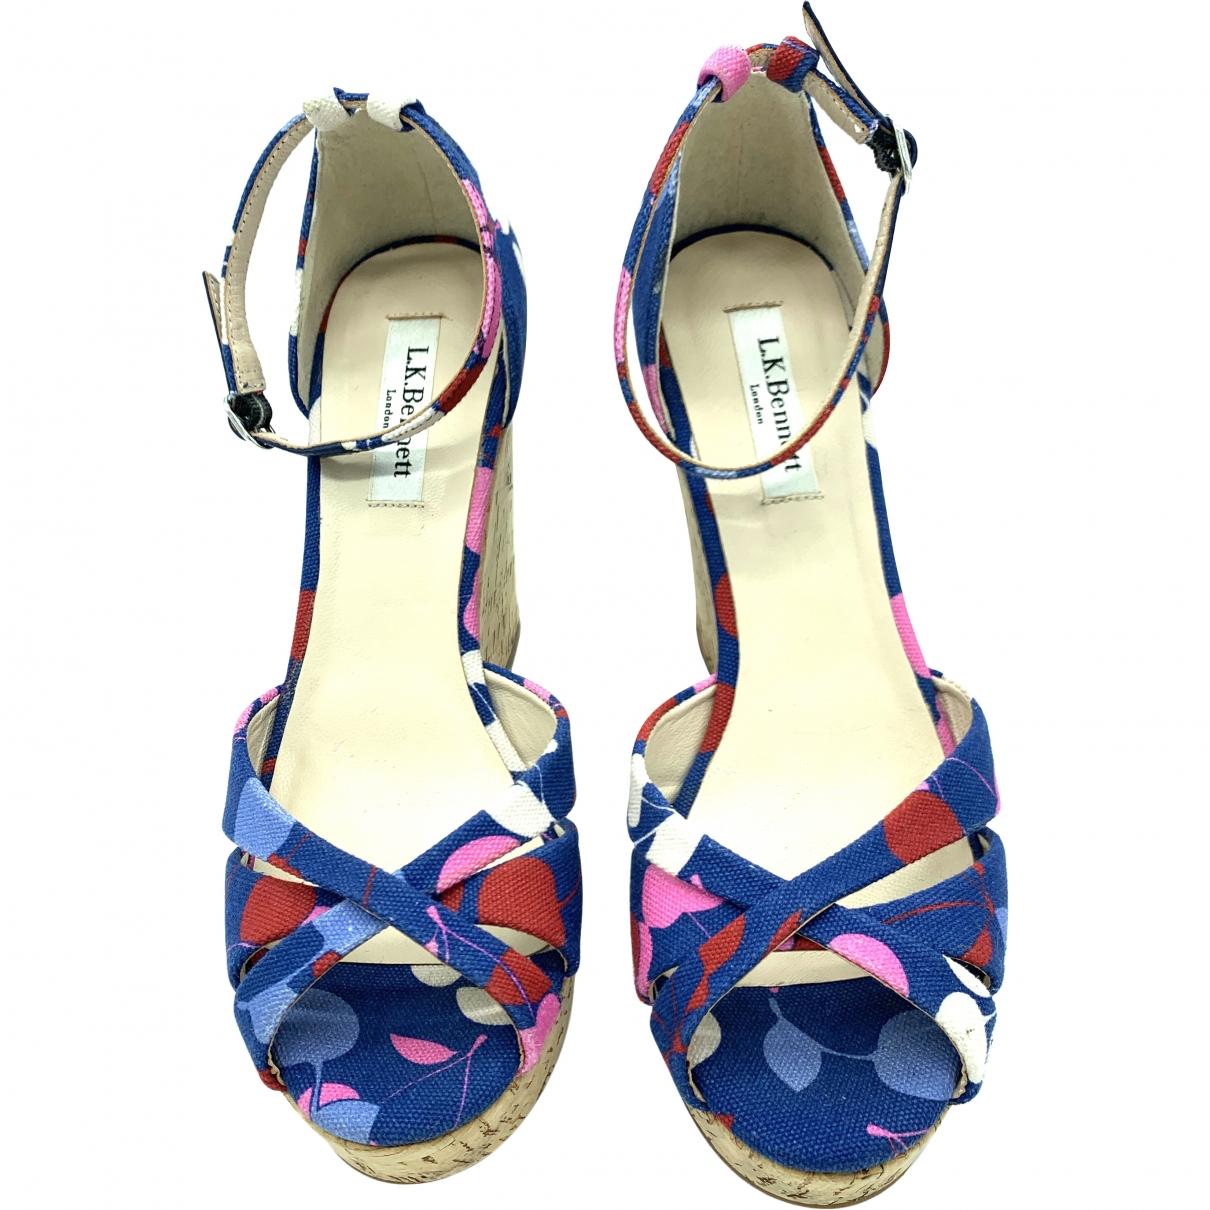 Lk Bennett \N Multicolour Cloth Sandals for Women 5 UK